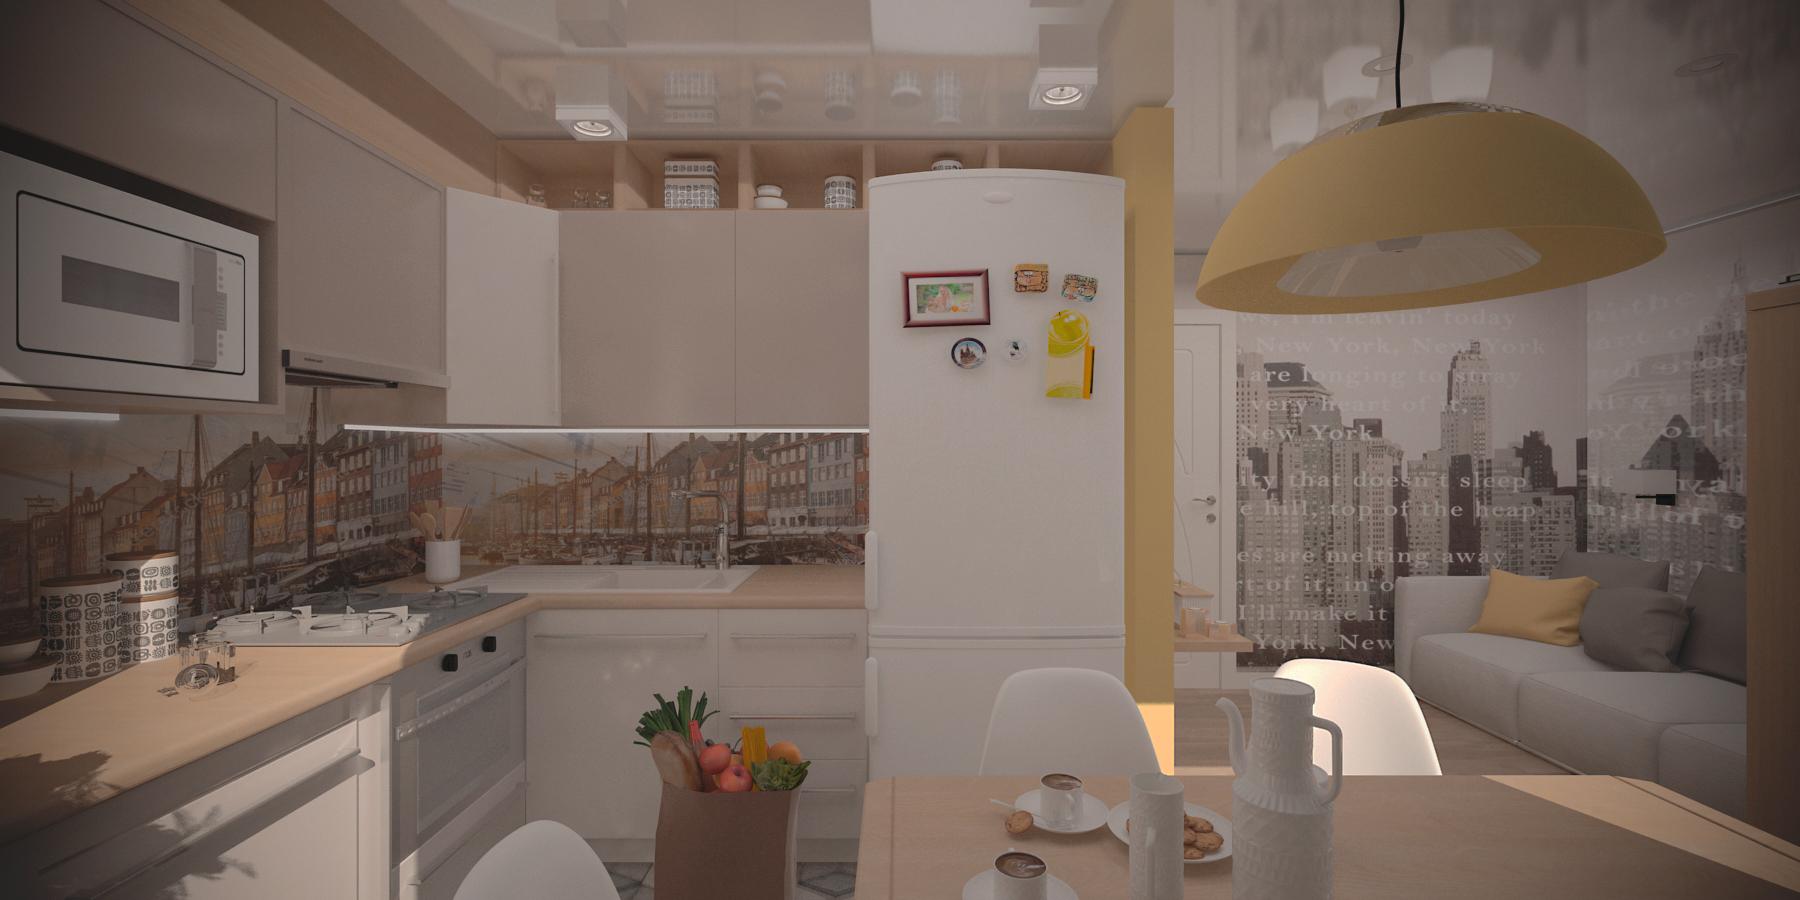 Кухня от яроша 6